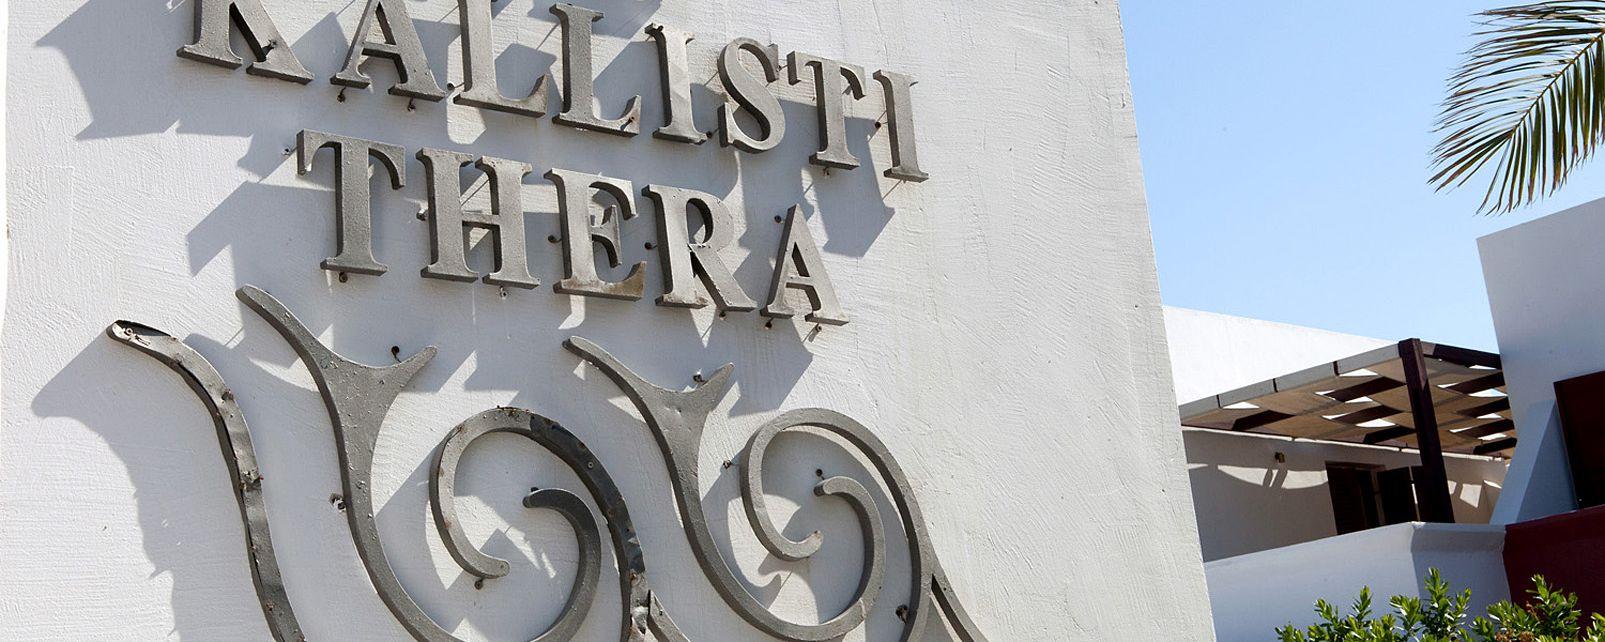 Hotel Kallisti Thera